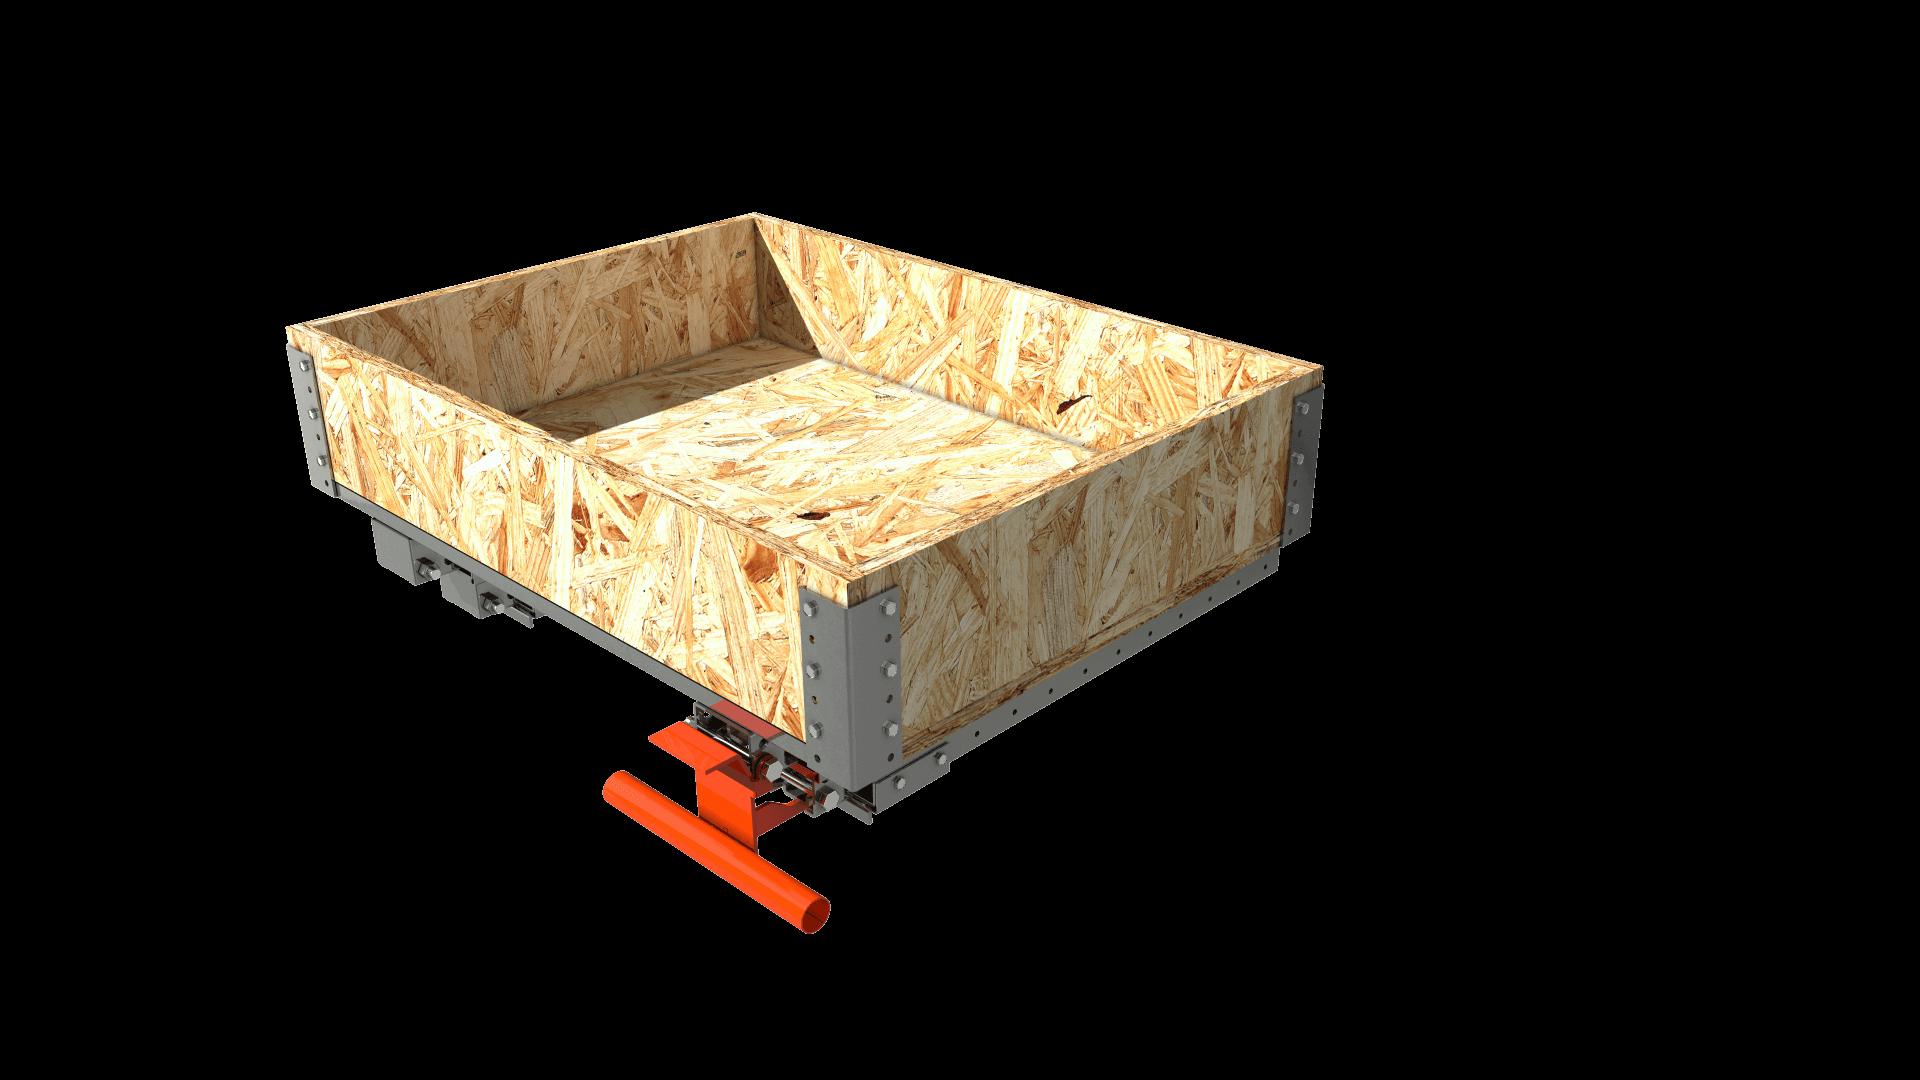 tiroir 800x600 mm - 100% - 500kg - sur lisse - plateau bois + caisse